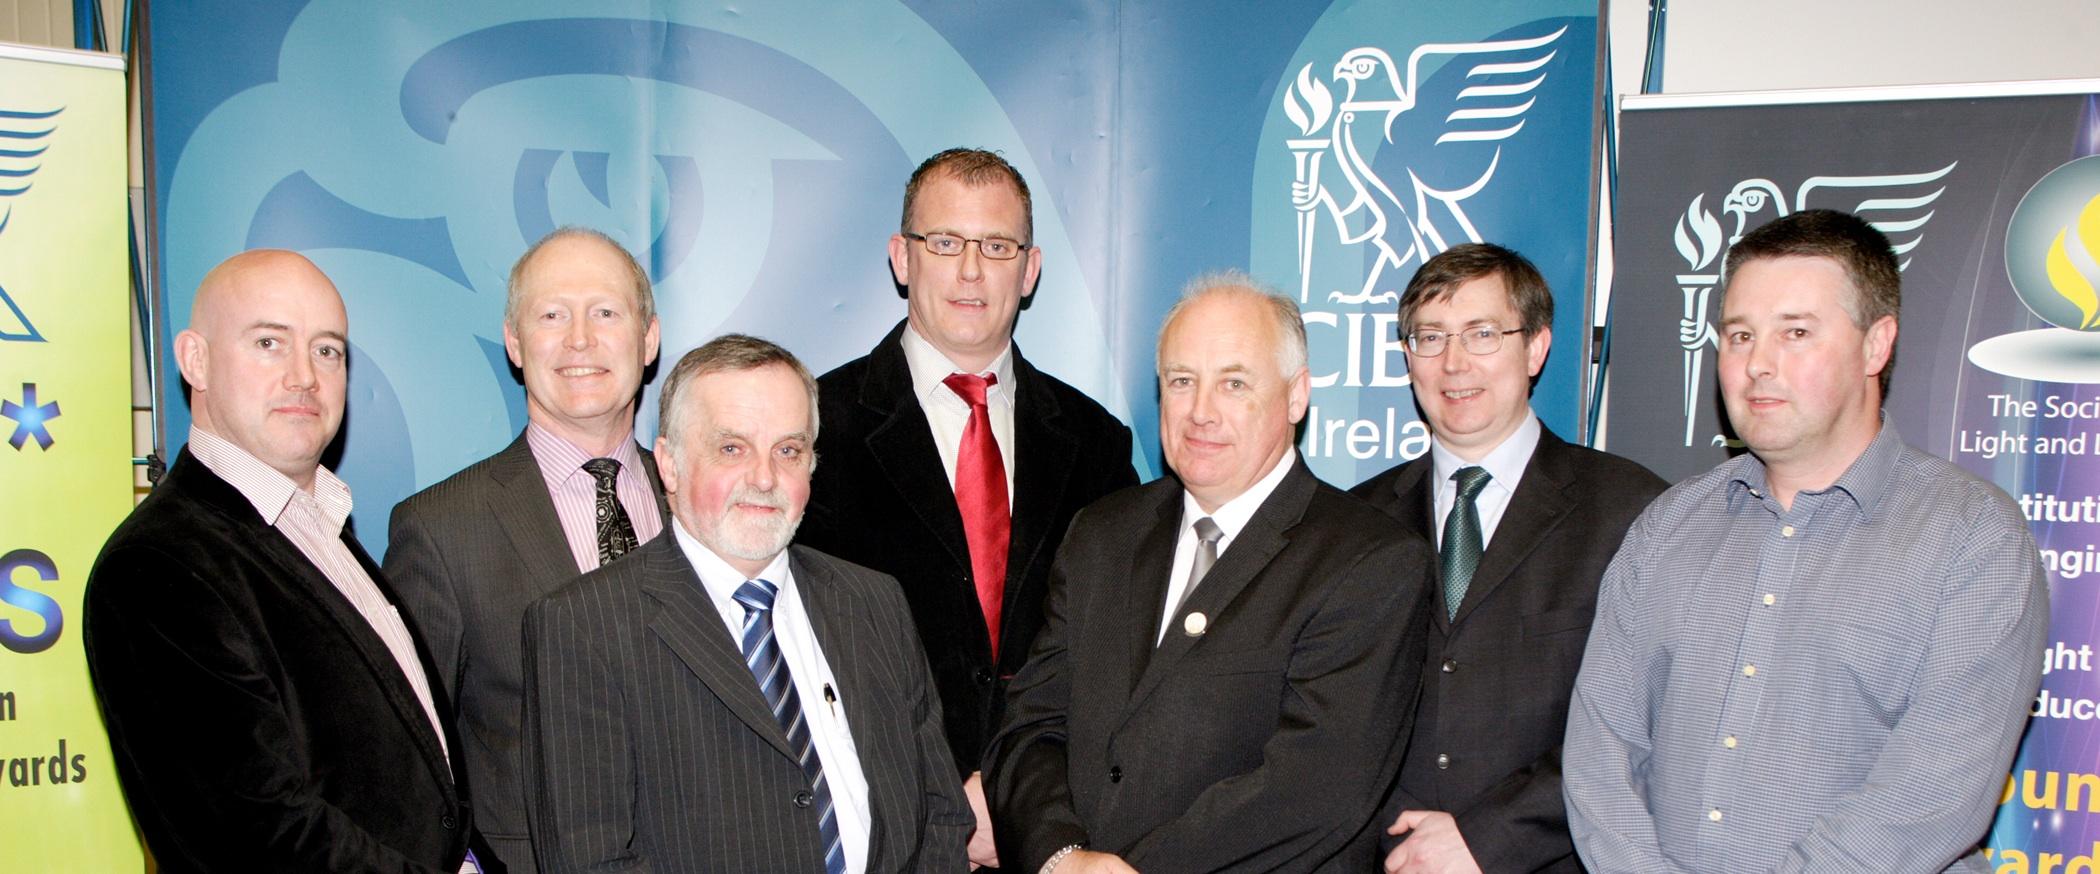 Derek Mowlds (Chairman CIBSE), Kevin O'Rourke (SEAI), Brian Geraghty(CIBSE & BGA), Justin Keane (CIBSE & John Sisk & son), Michael McNerney (CIBSE), Kevin Gaughan (DIT), Sean O'Dowd (Vice Chairman CIBSE)